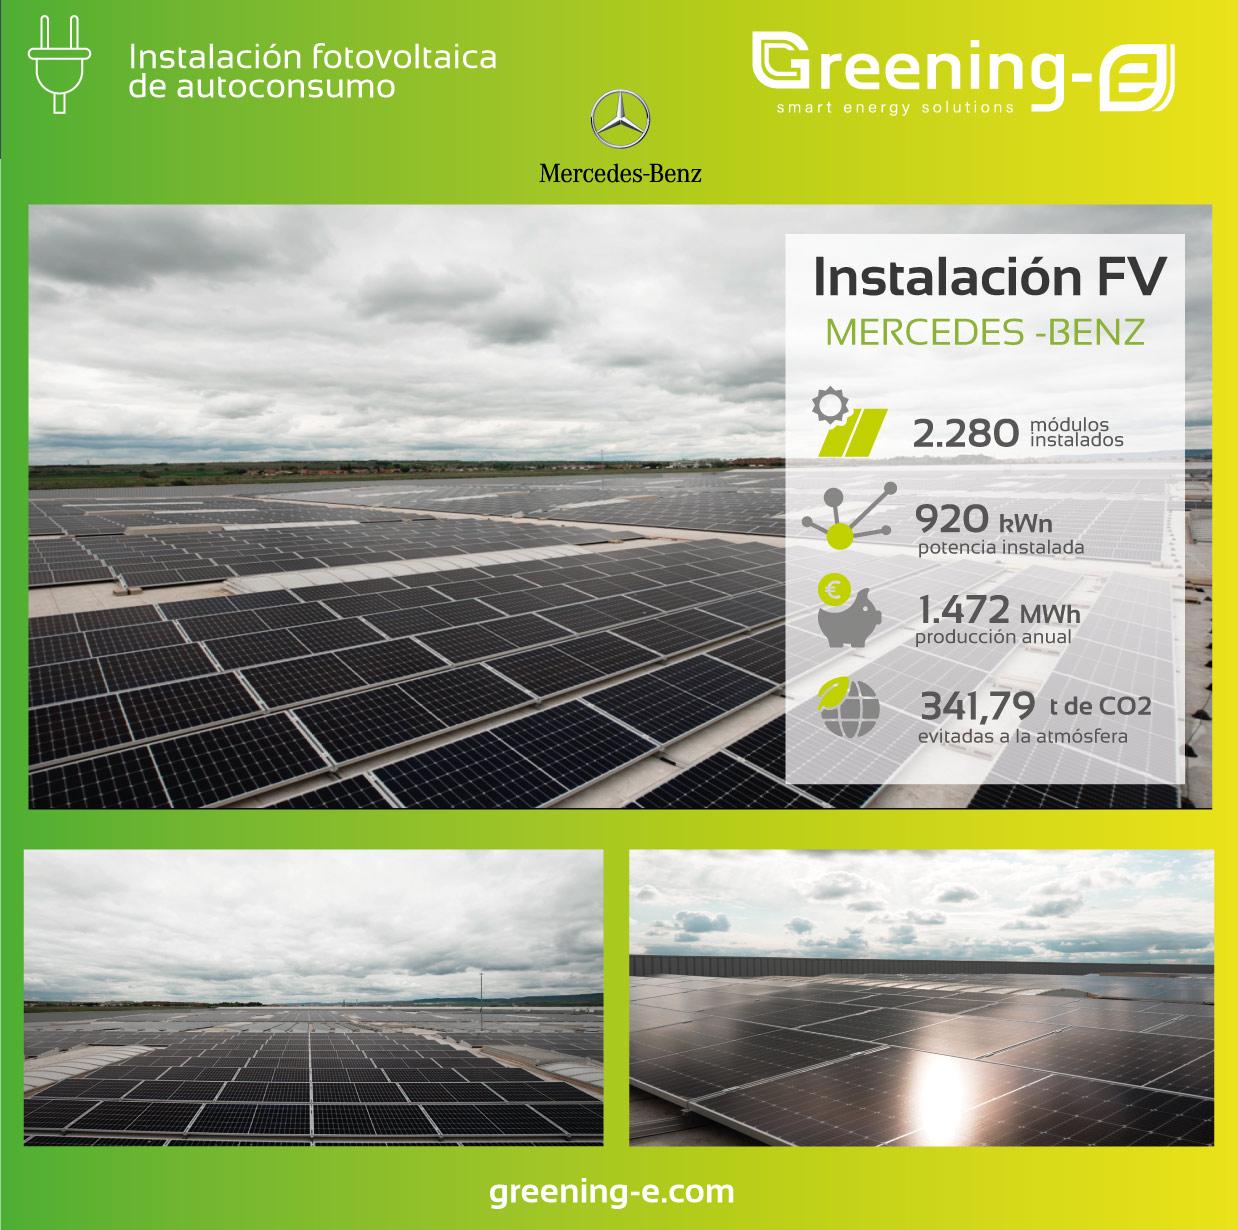 Instalaciones fotovoltaica Greening para mercedes benz